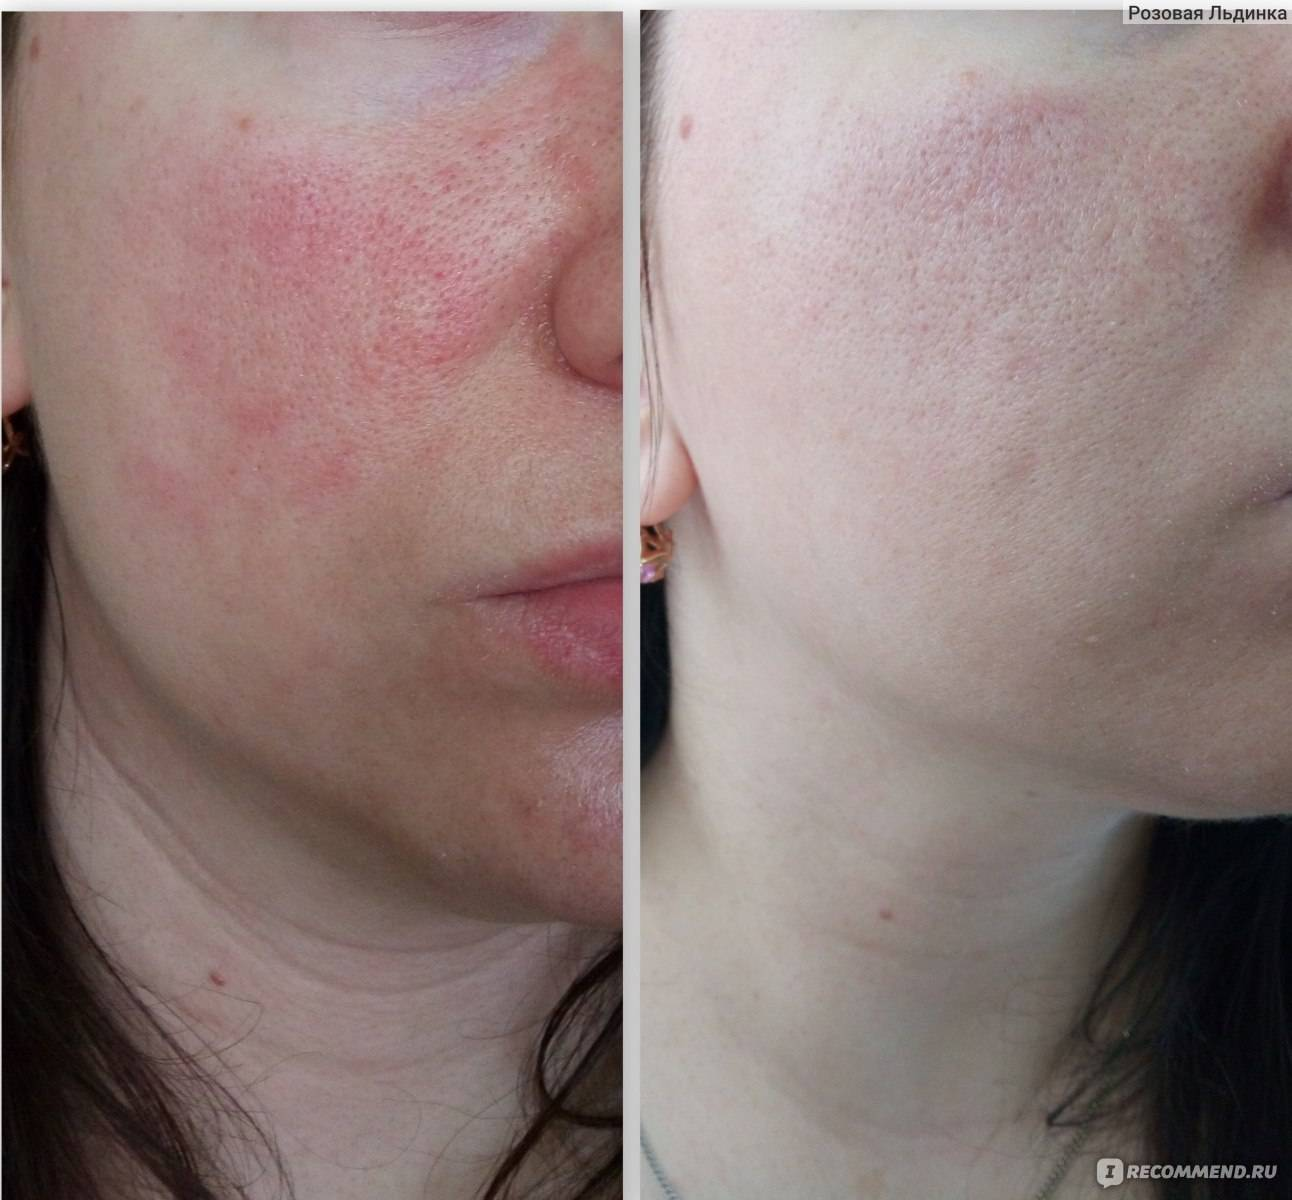 Причины появления себорейного дерматита